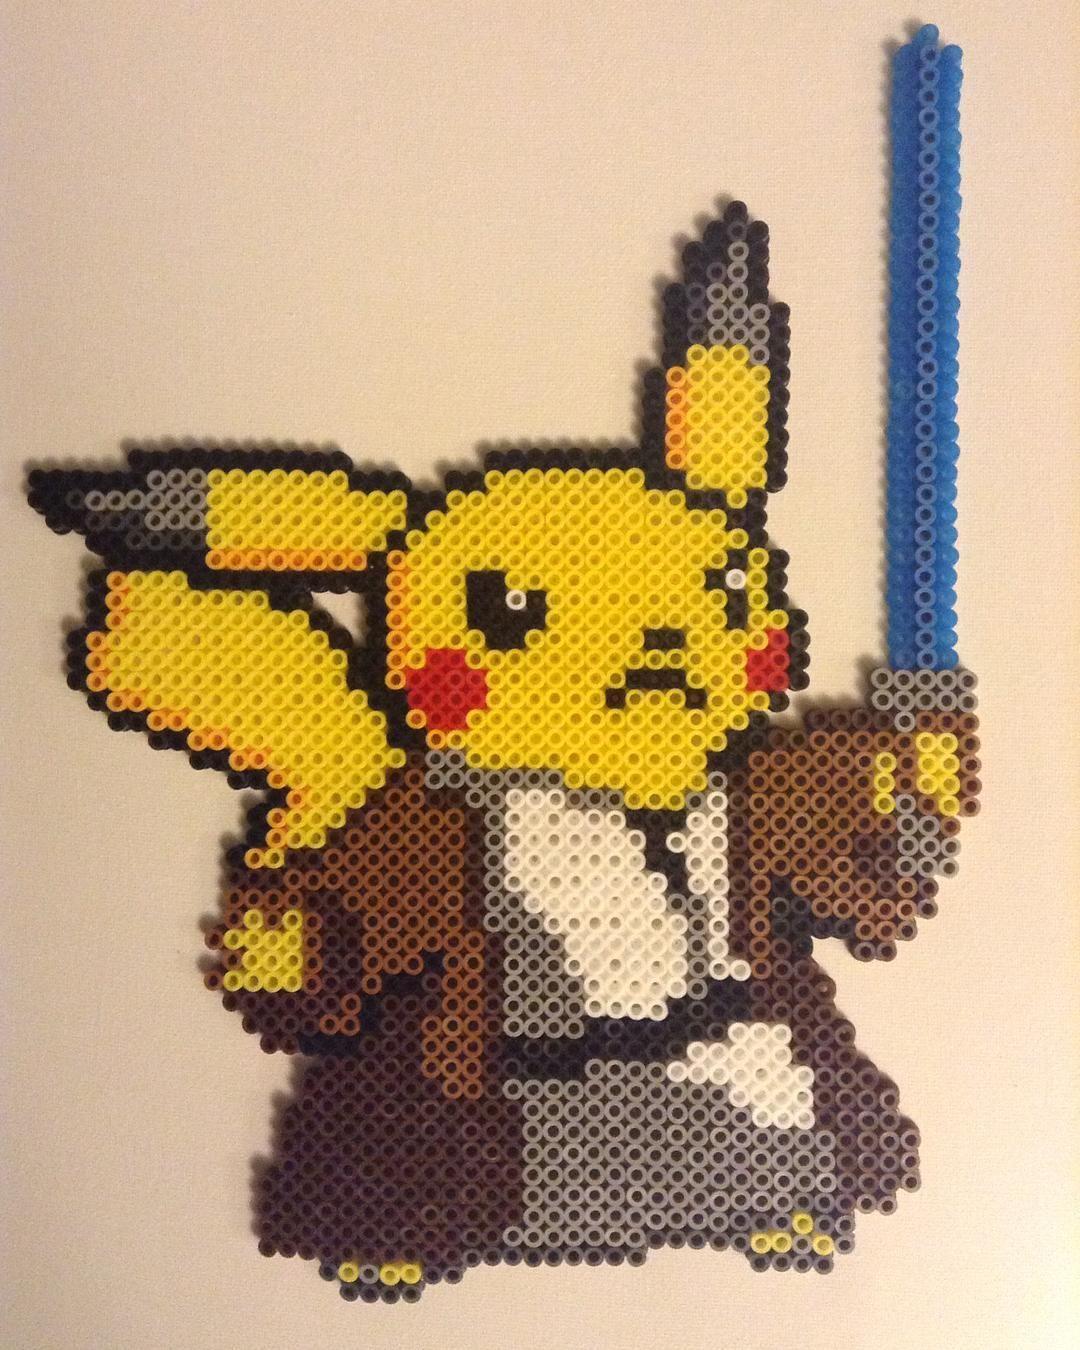 Jedi Pikachu hama beads by caseylcarr | Pokemon World